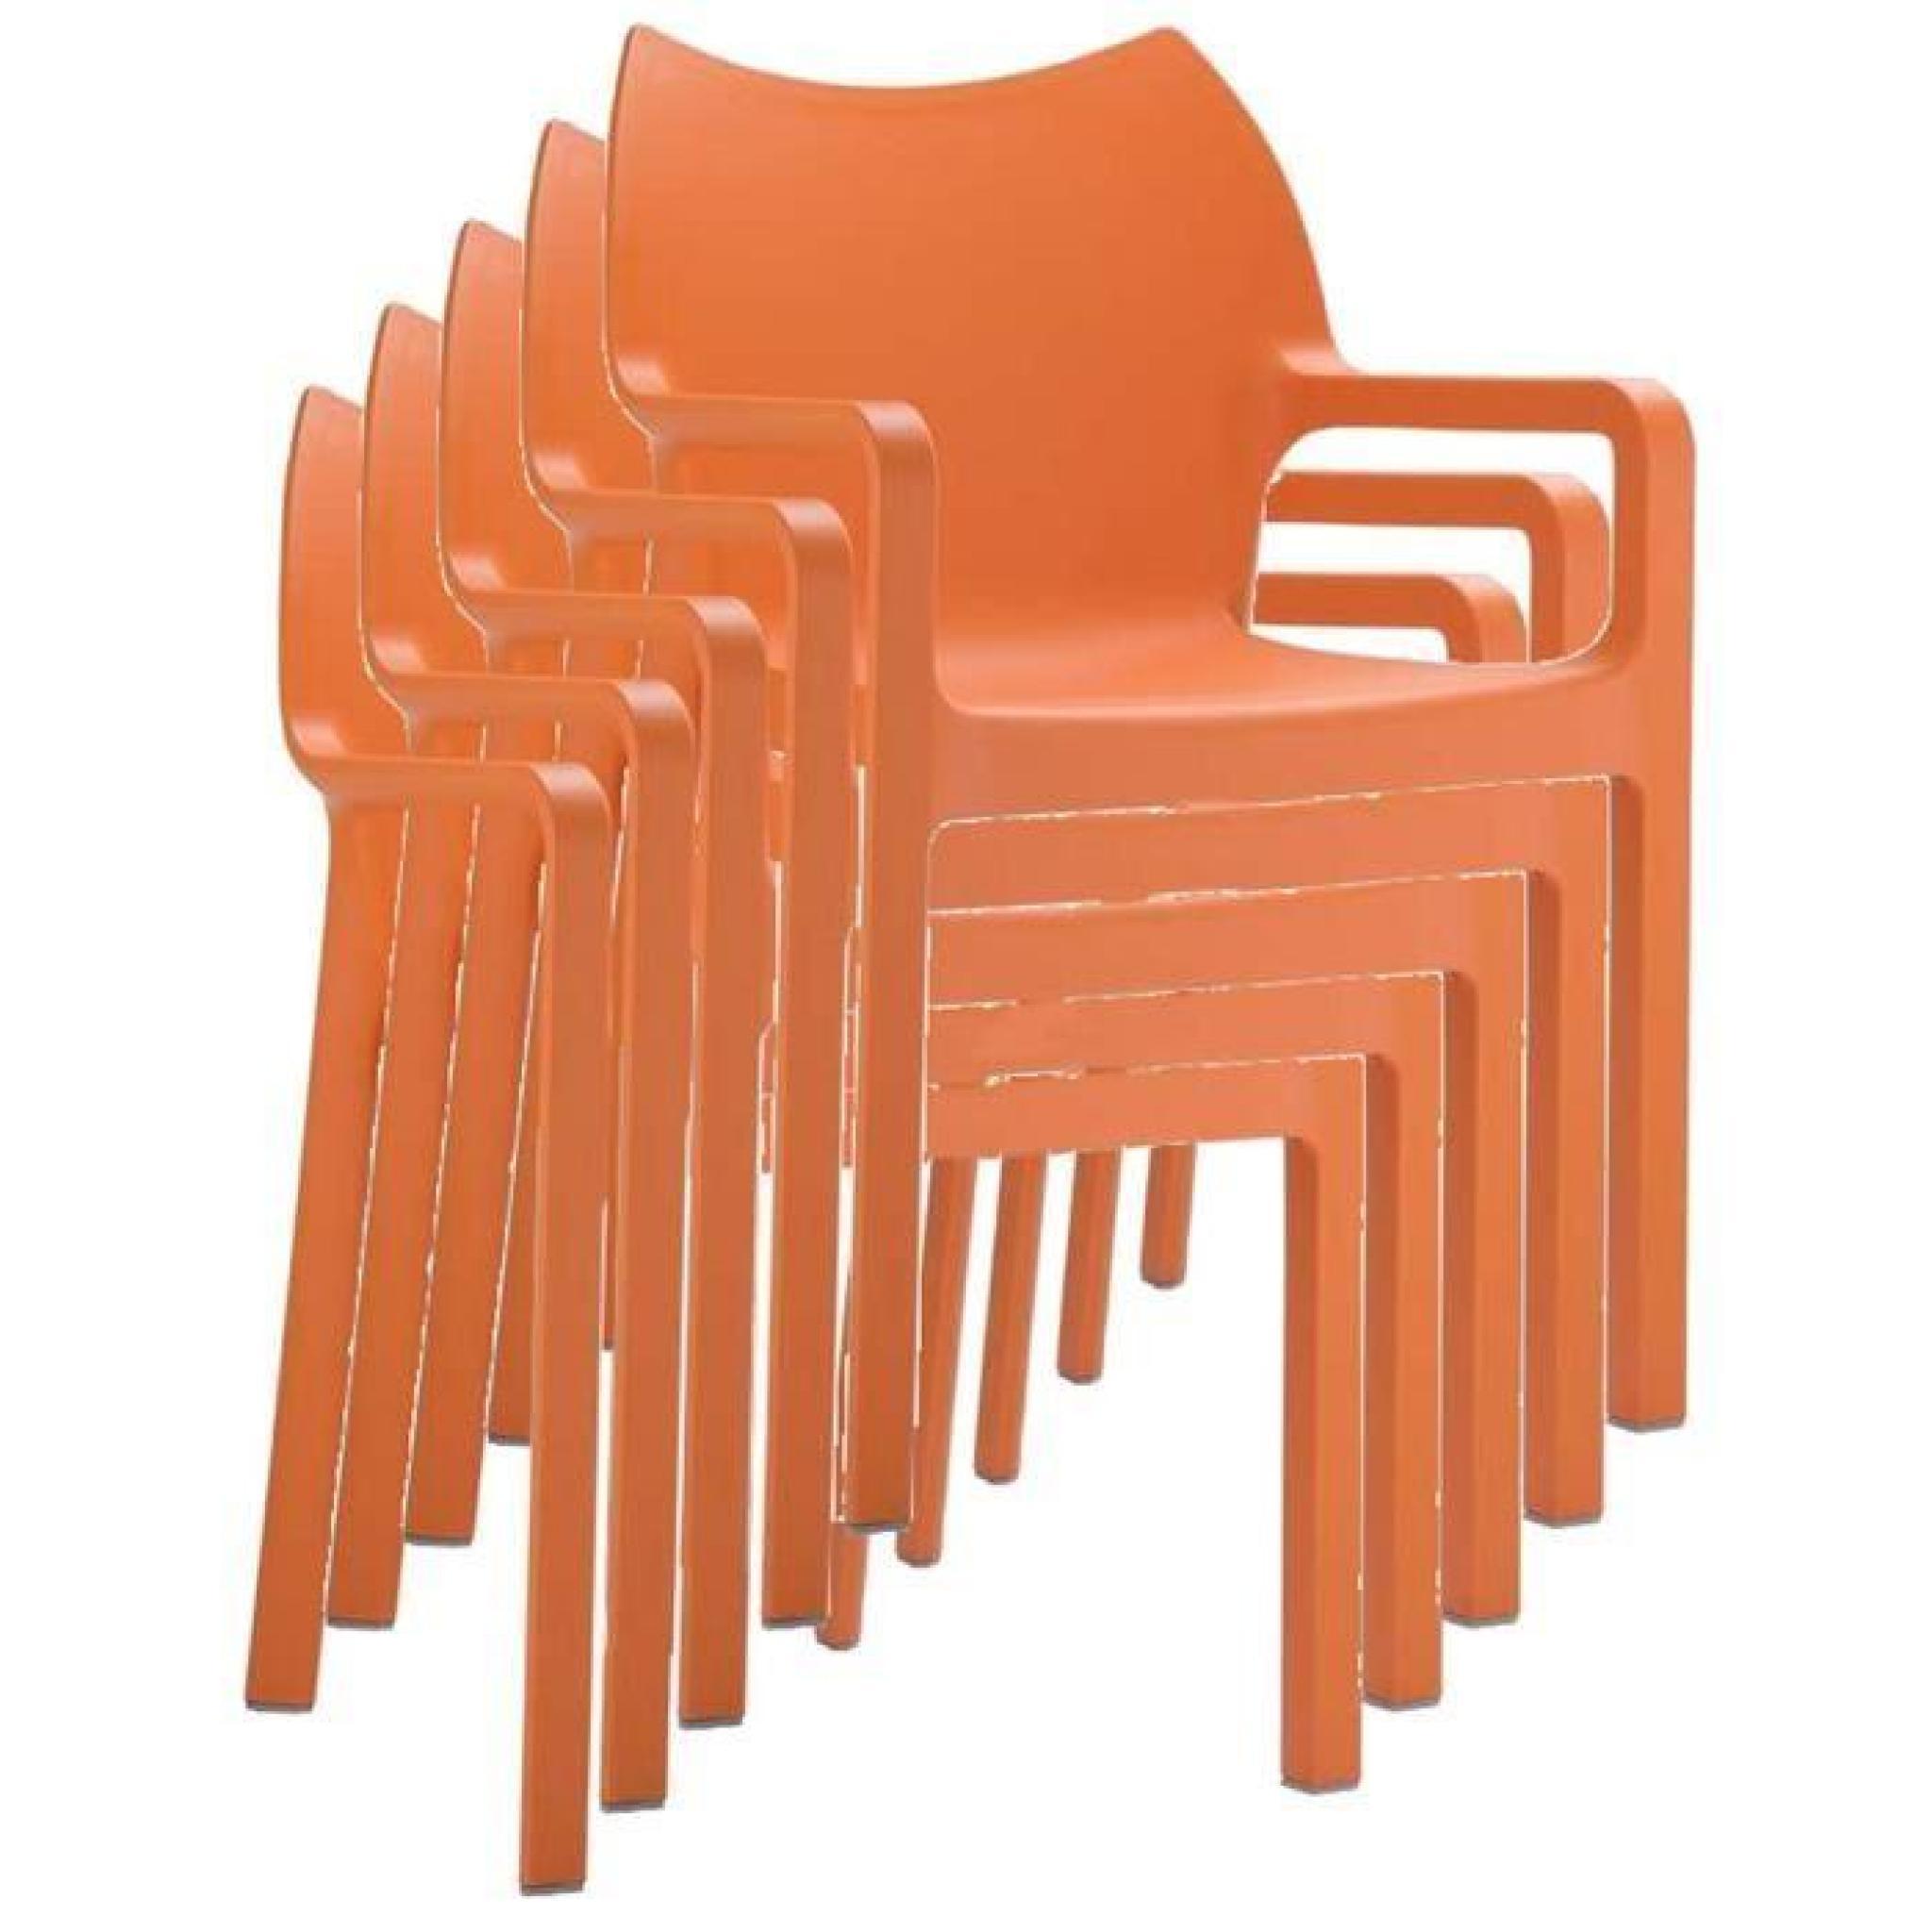 chaise de jardin empilable en plastique orange achat. Black Bedroom Furniture Sets. Home Design Ideas